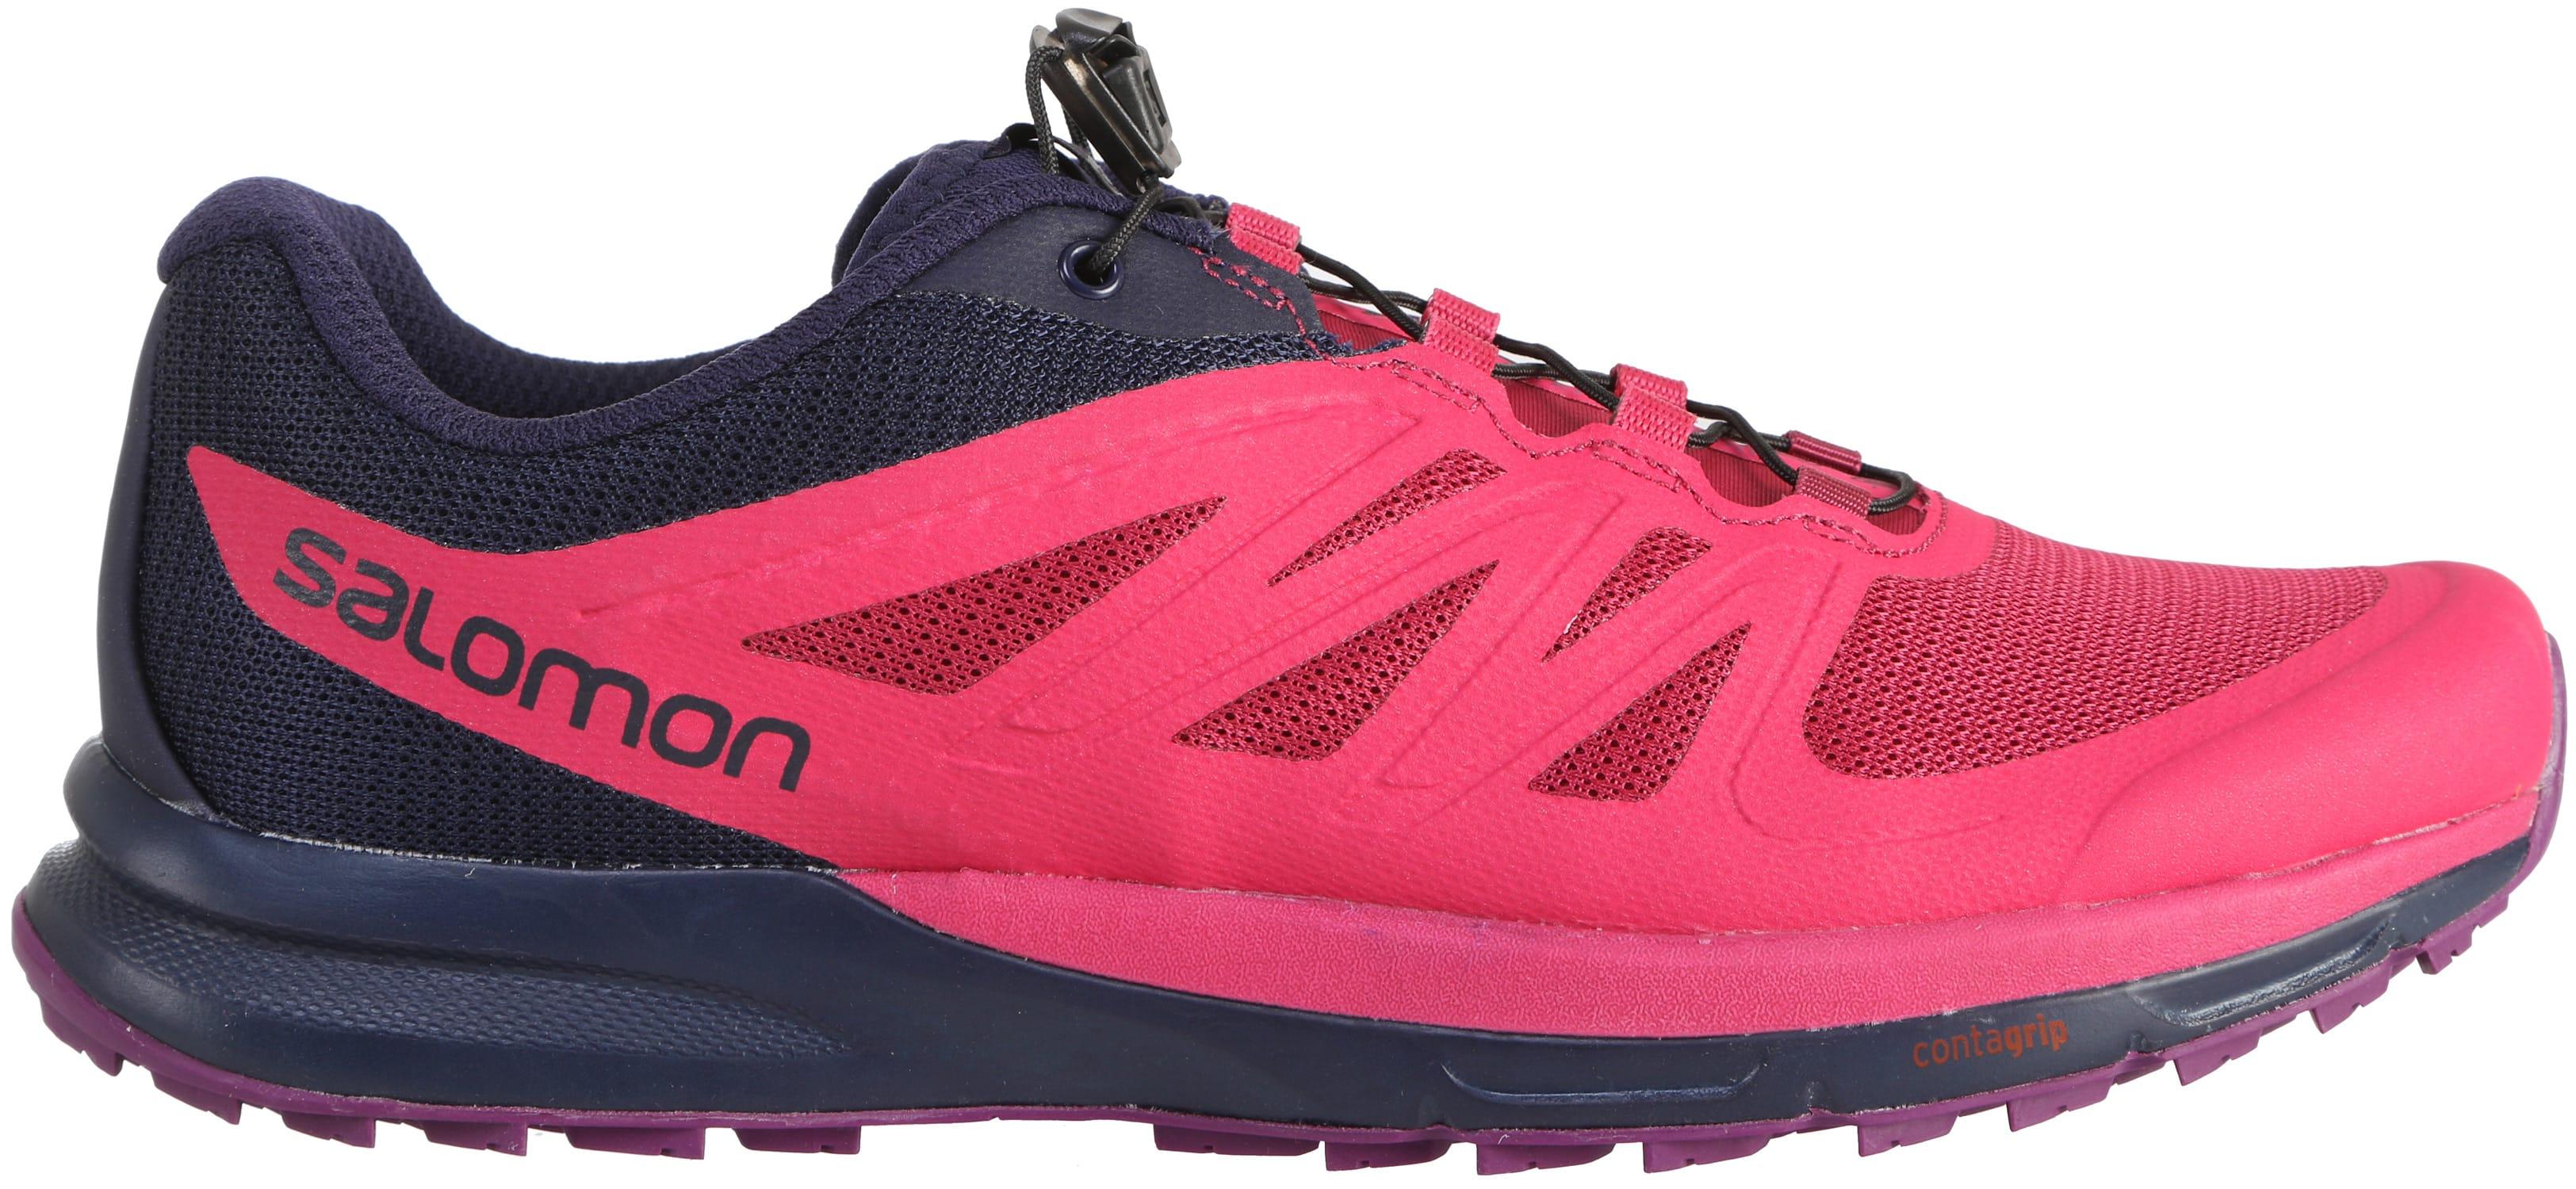 Salomon Sense Pro 2 Shoes - Womens